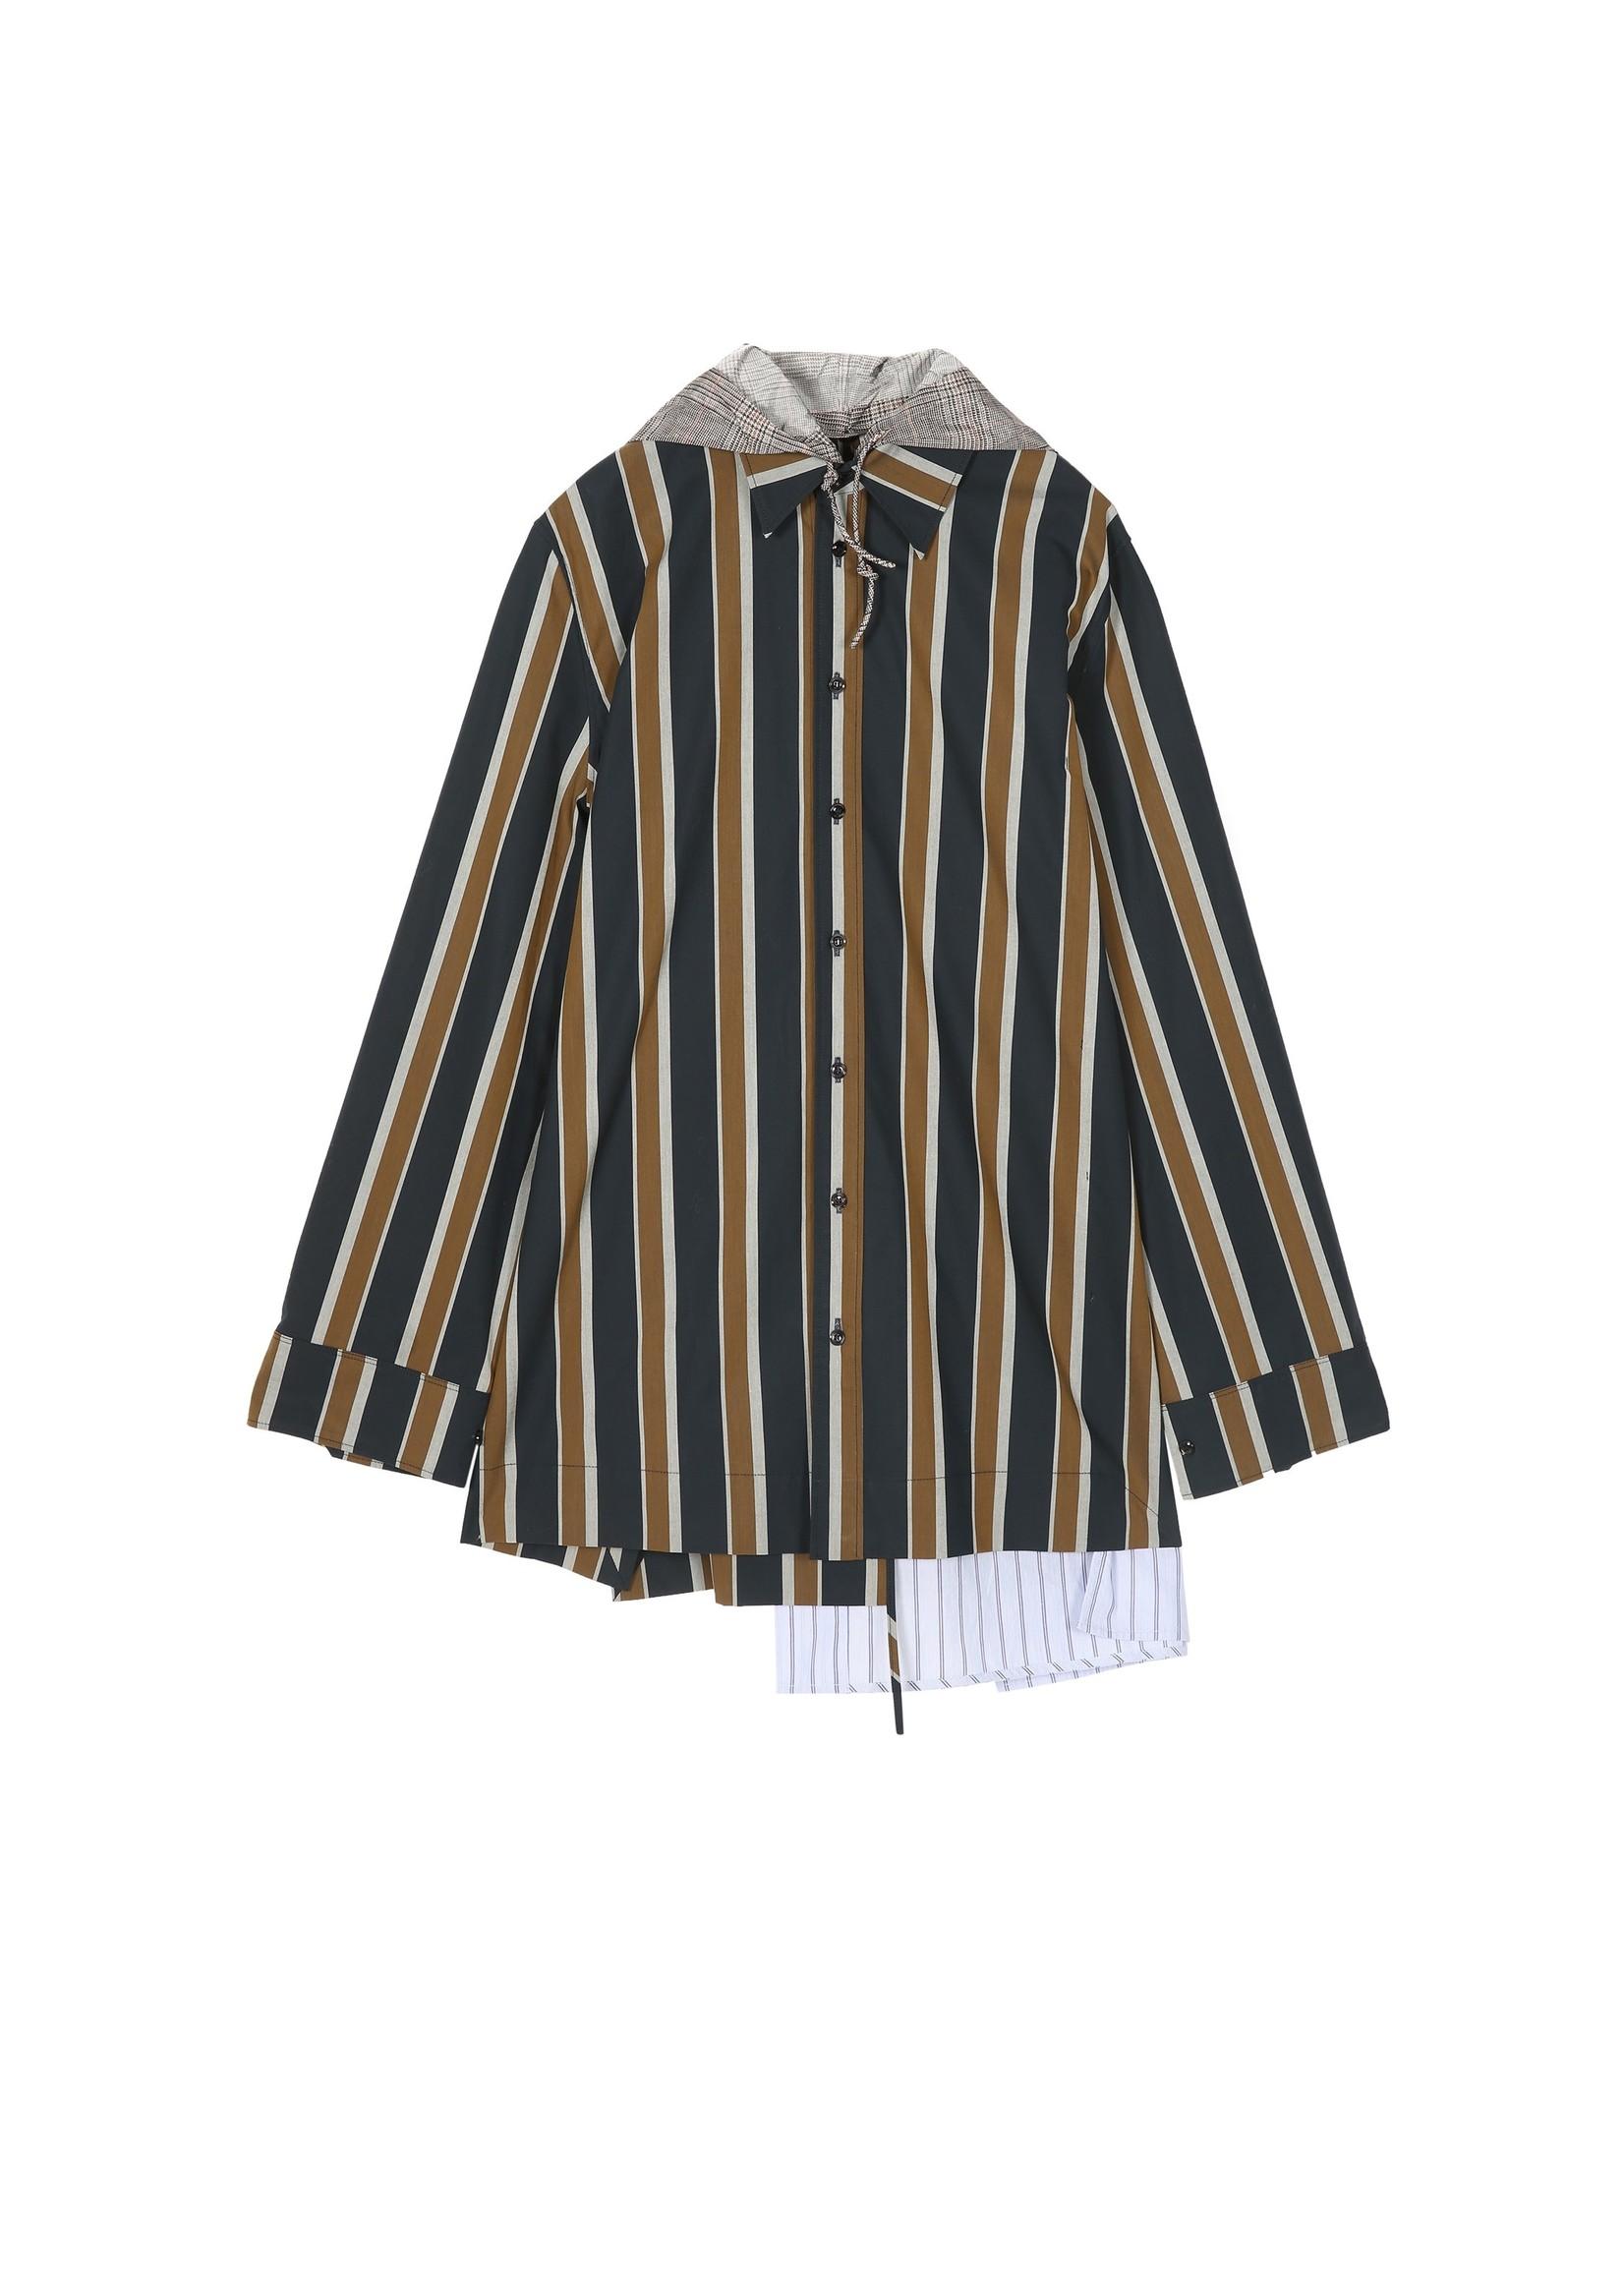 JNBY 5j7102350 jnby blouse